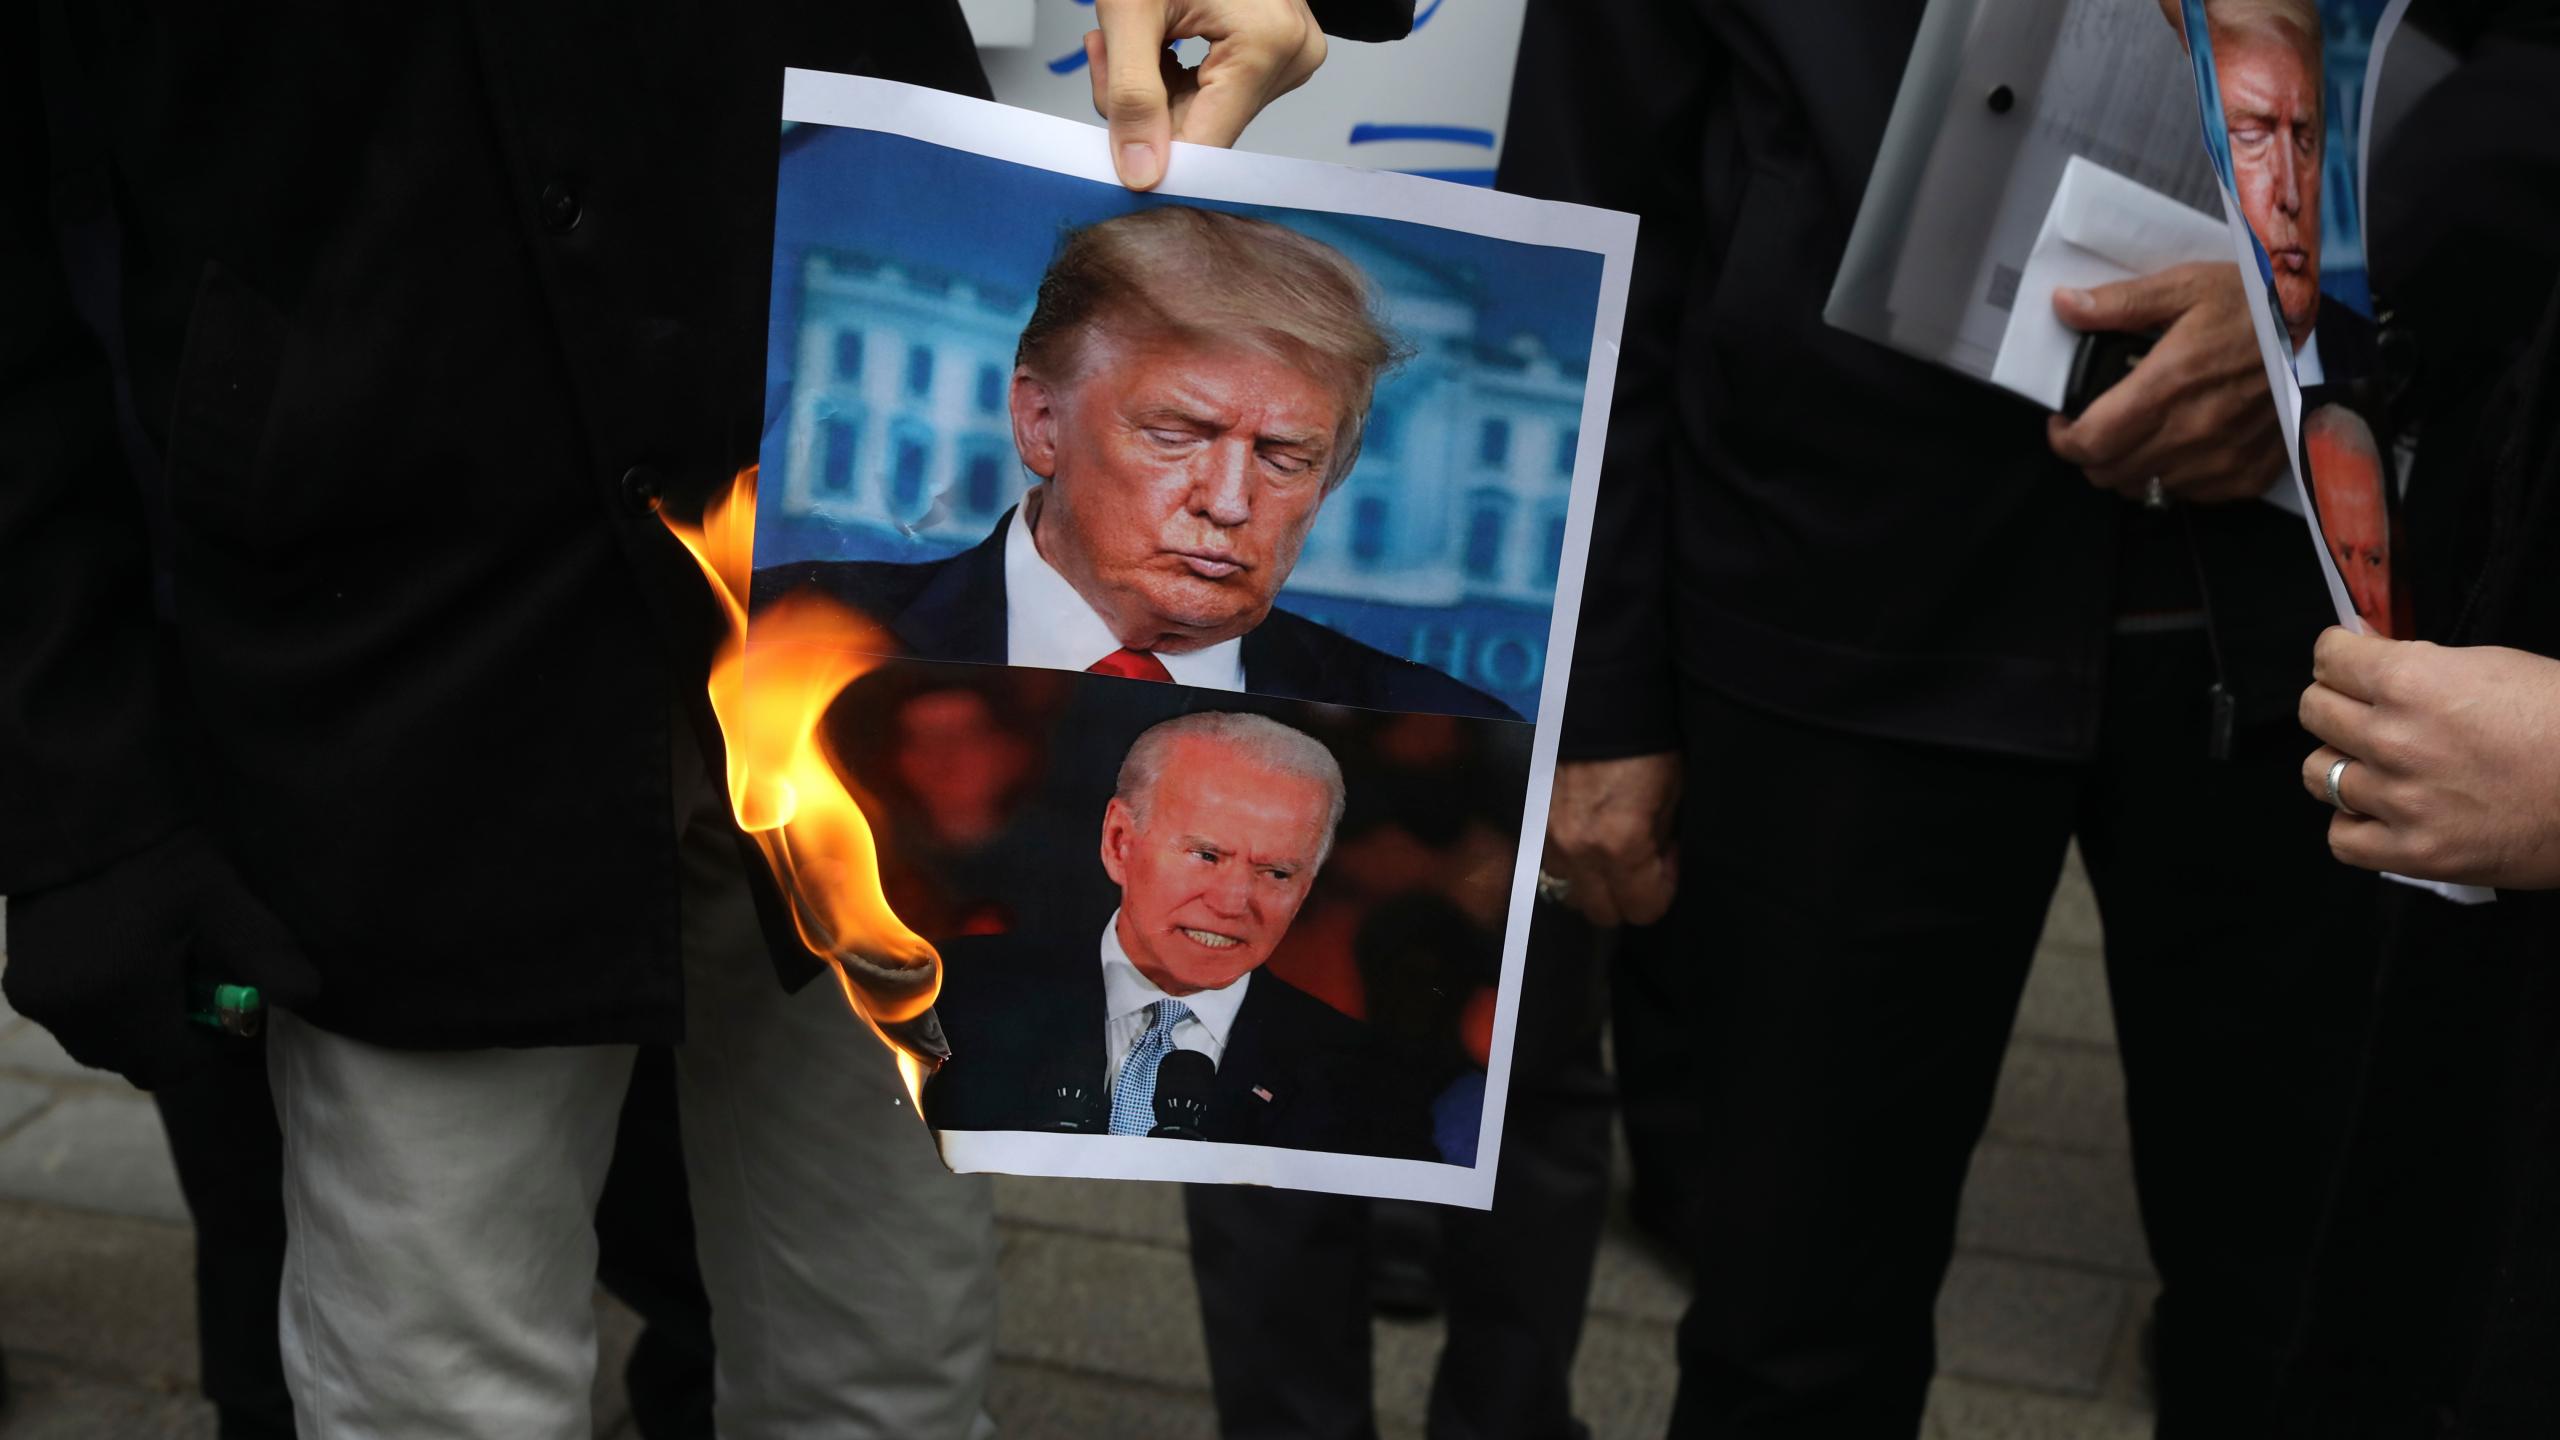 پایان ترامپ؛ دولت بایدن با برجام و ایران چه خواهد کرد؟